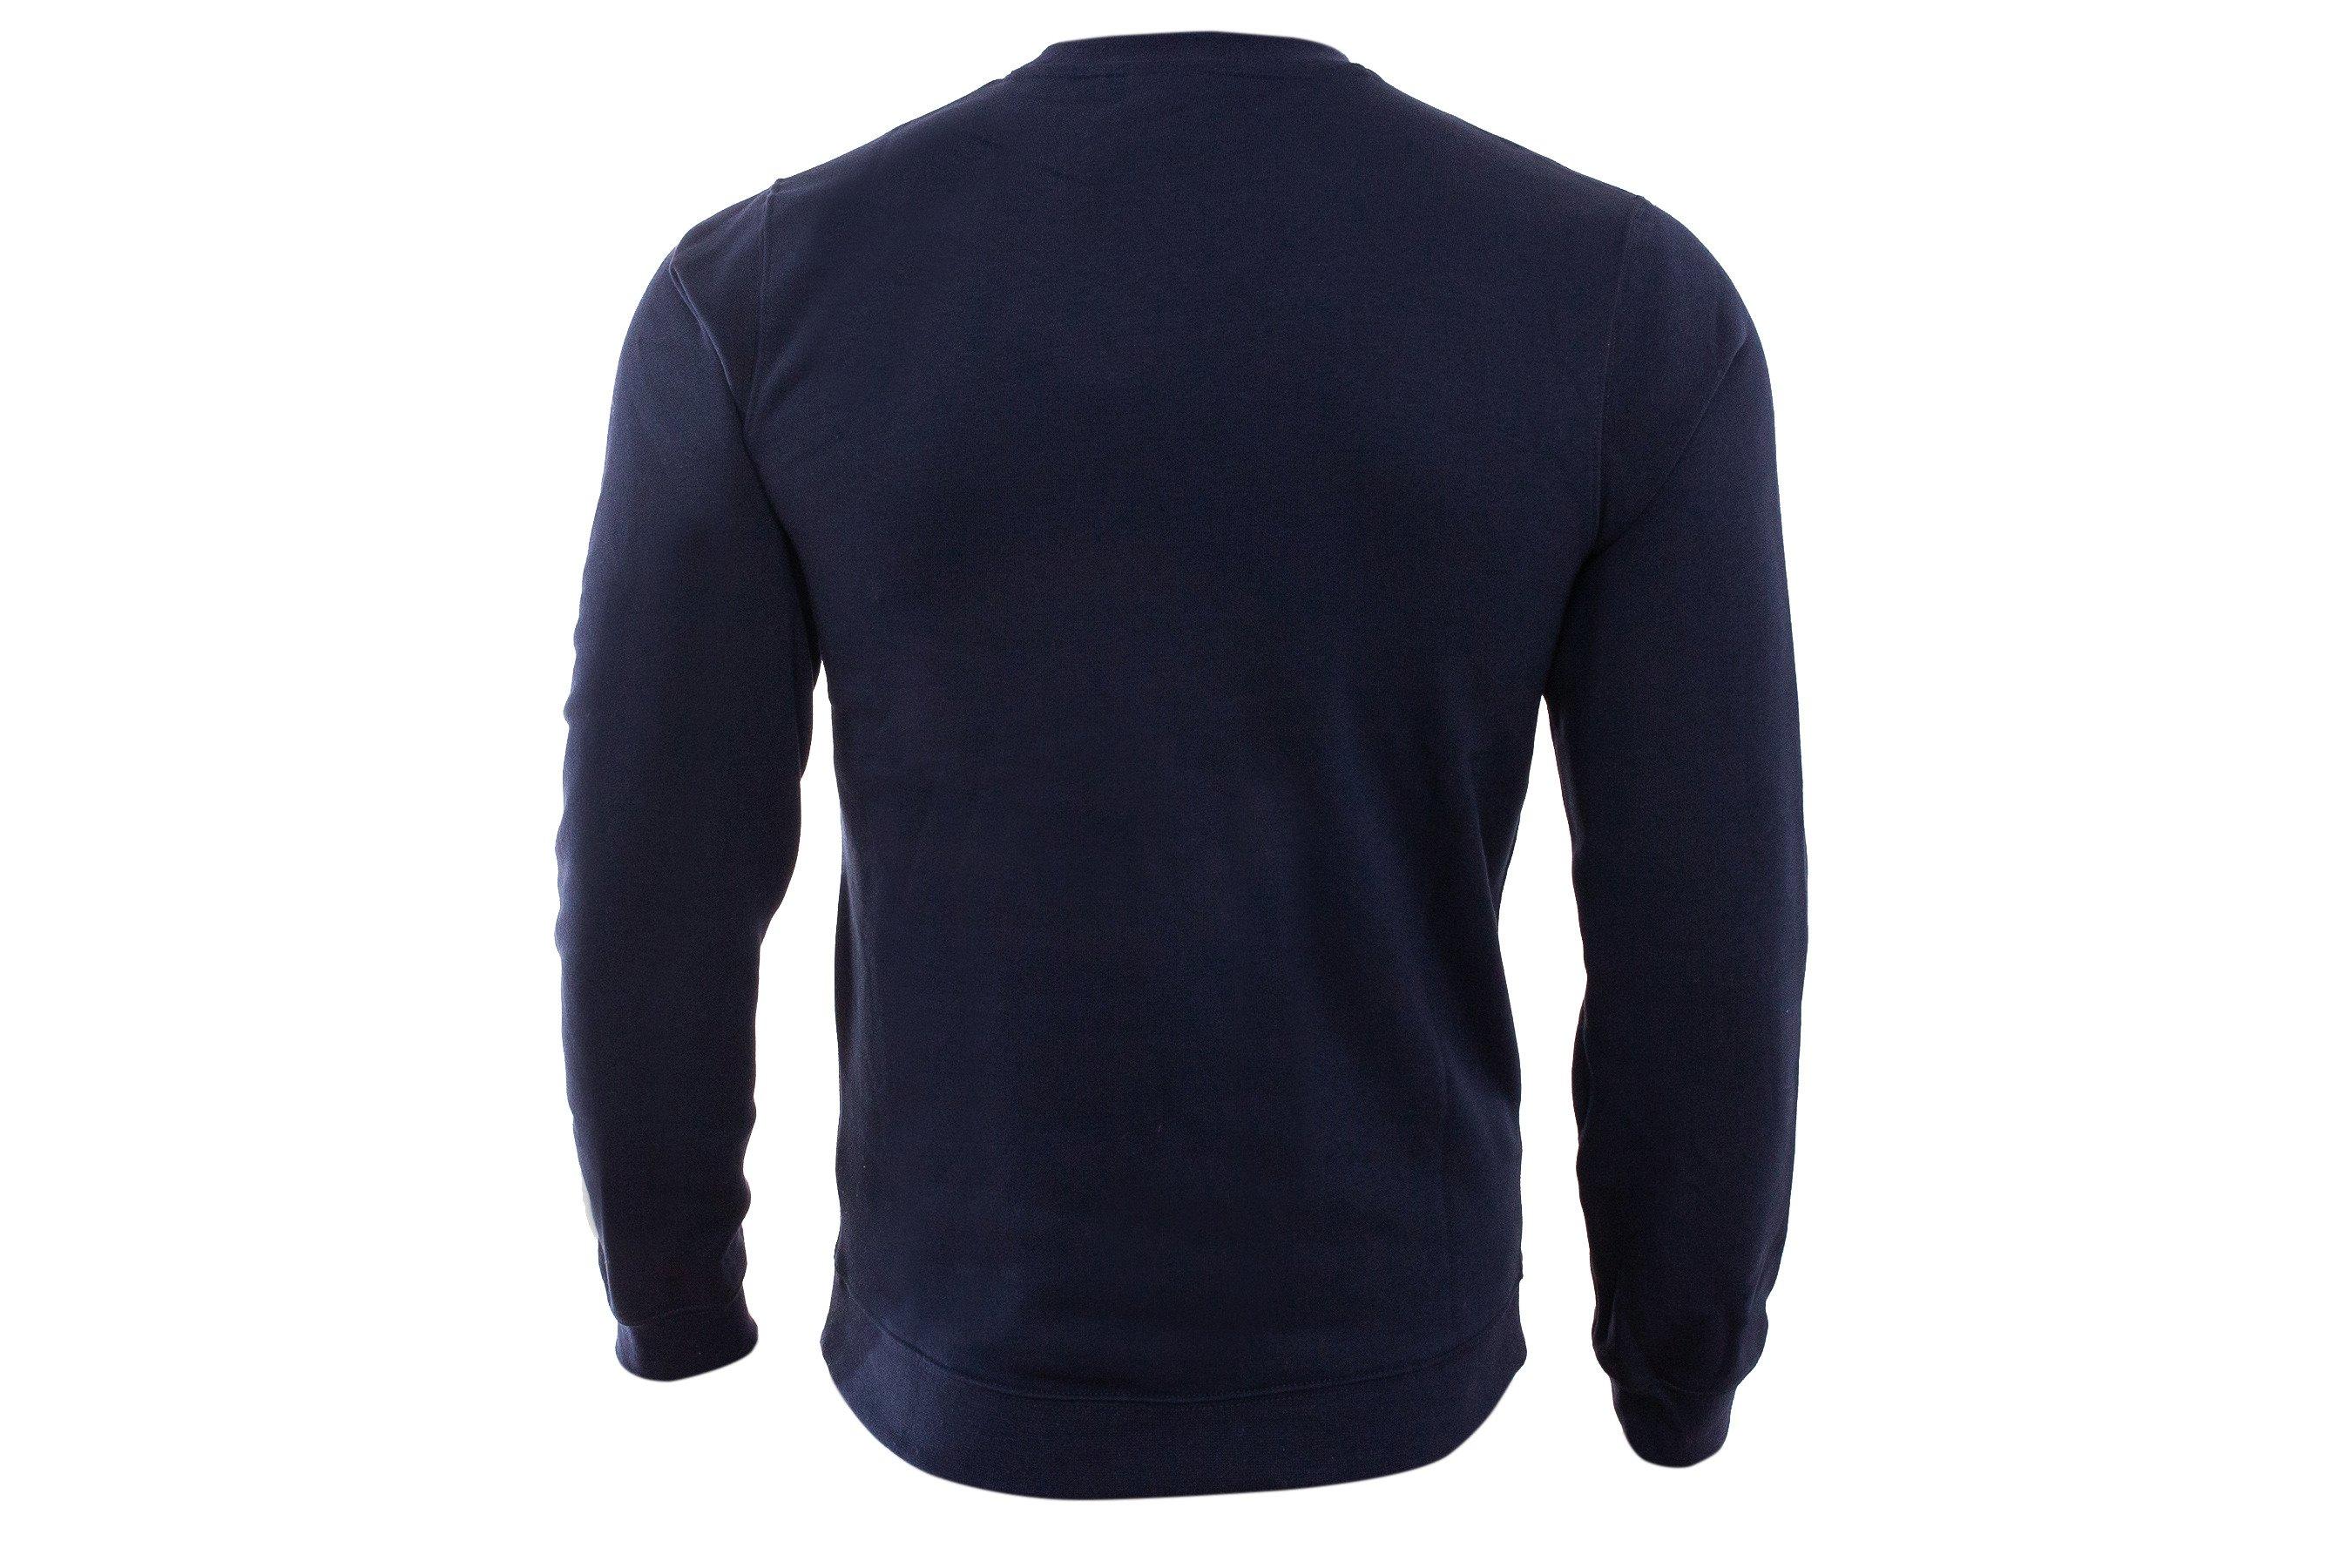 Męska bluza dresowa Nike, granatowa TEAM CLUB 19 FL CREW